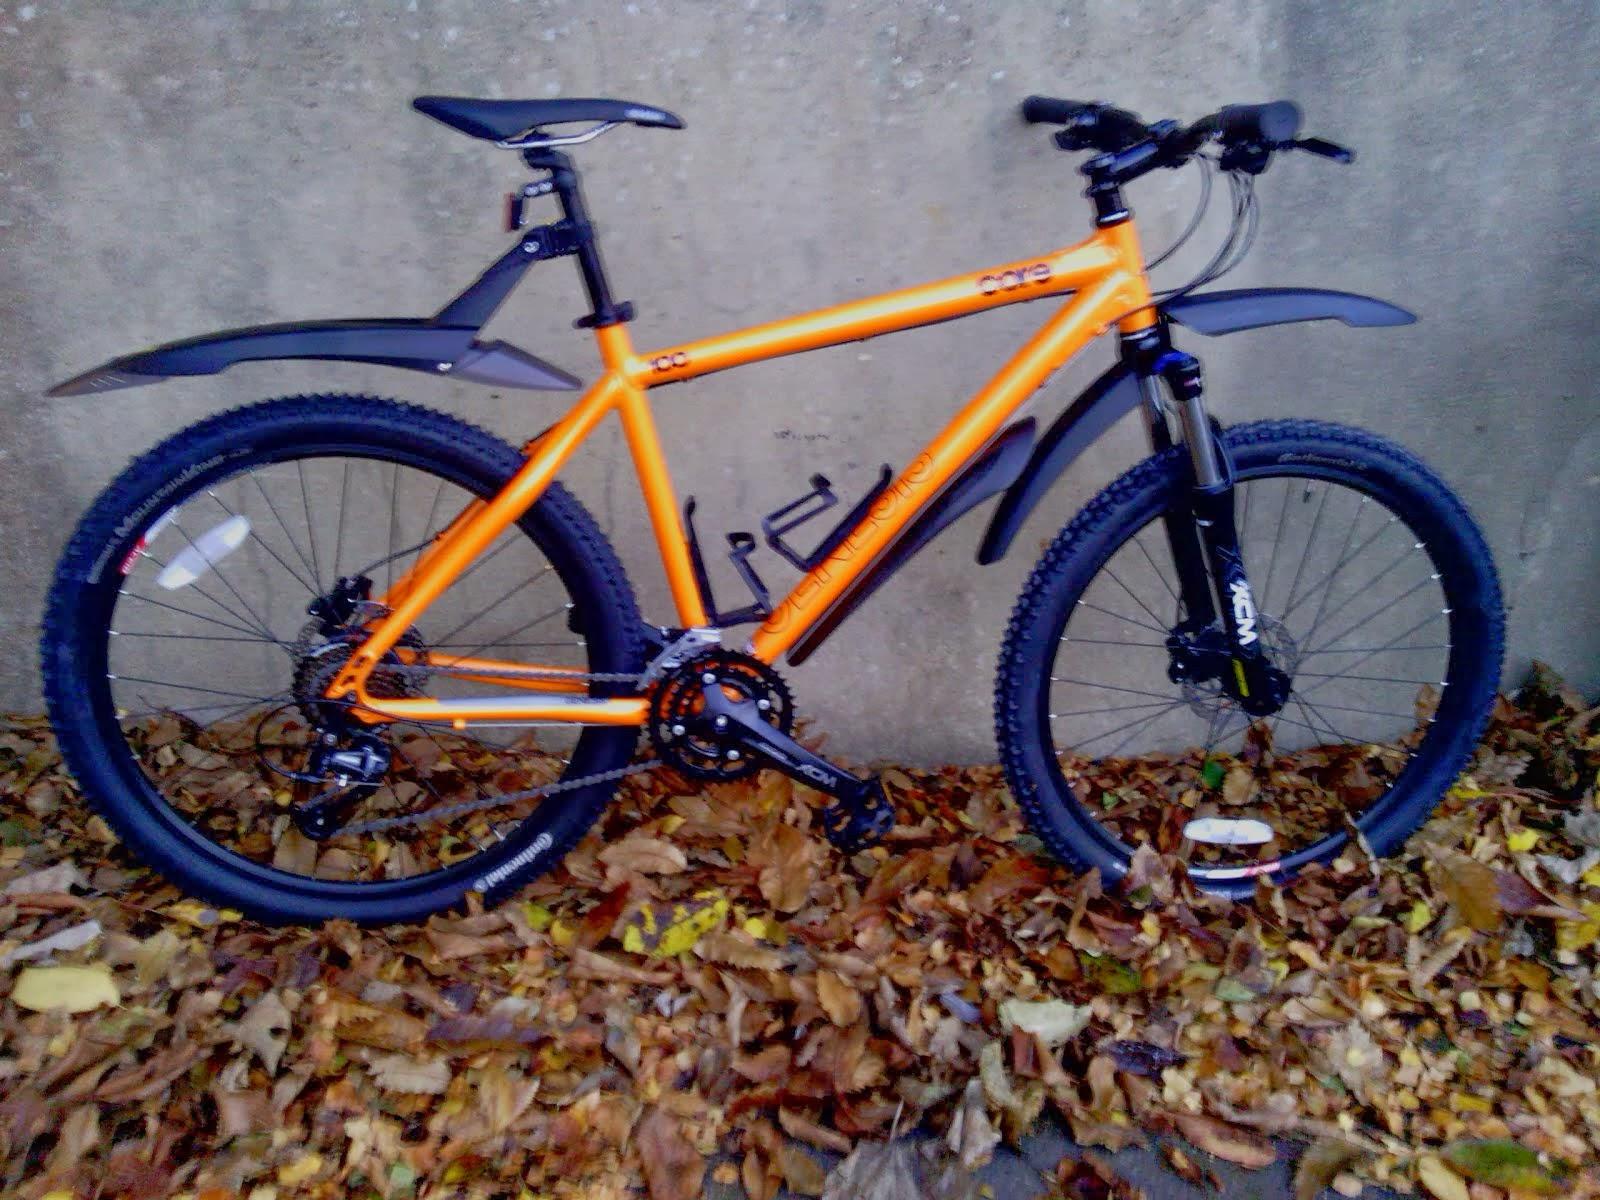 bike*4 (Genna)